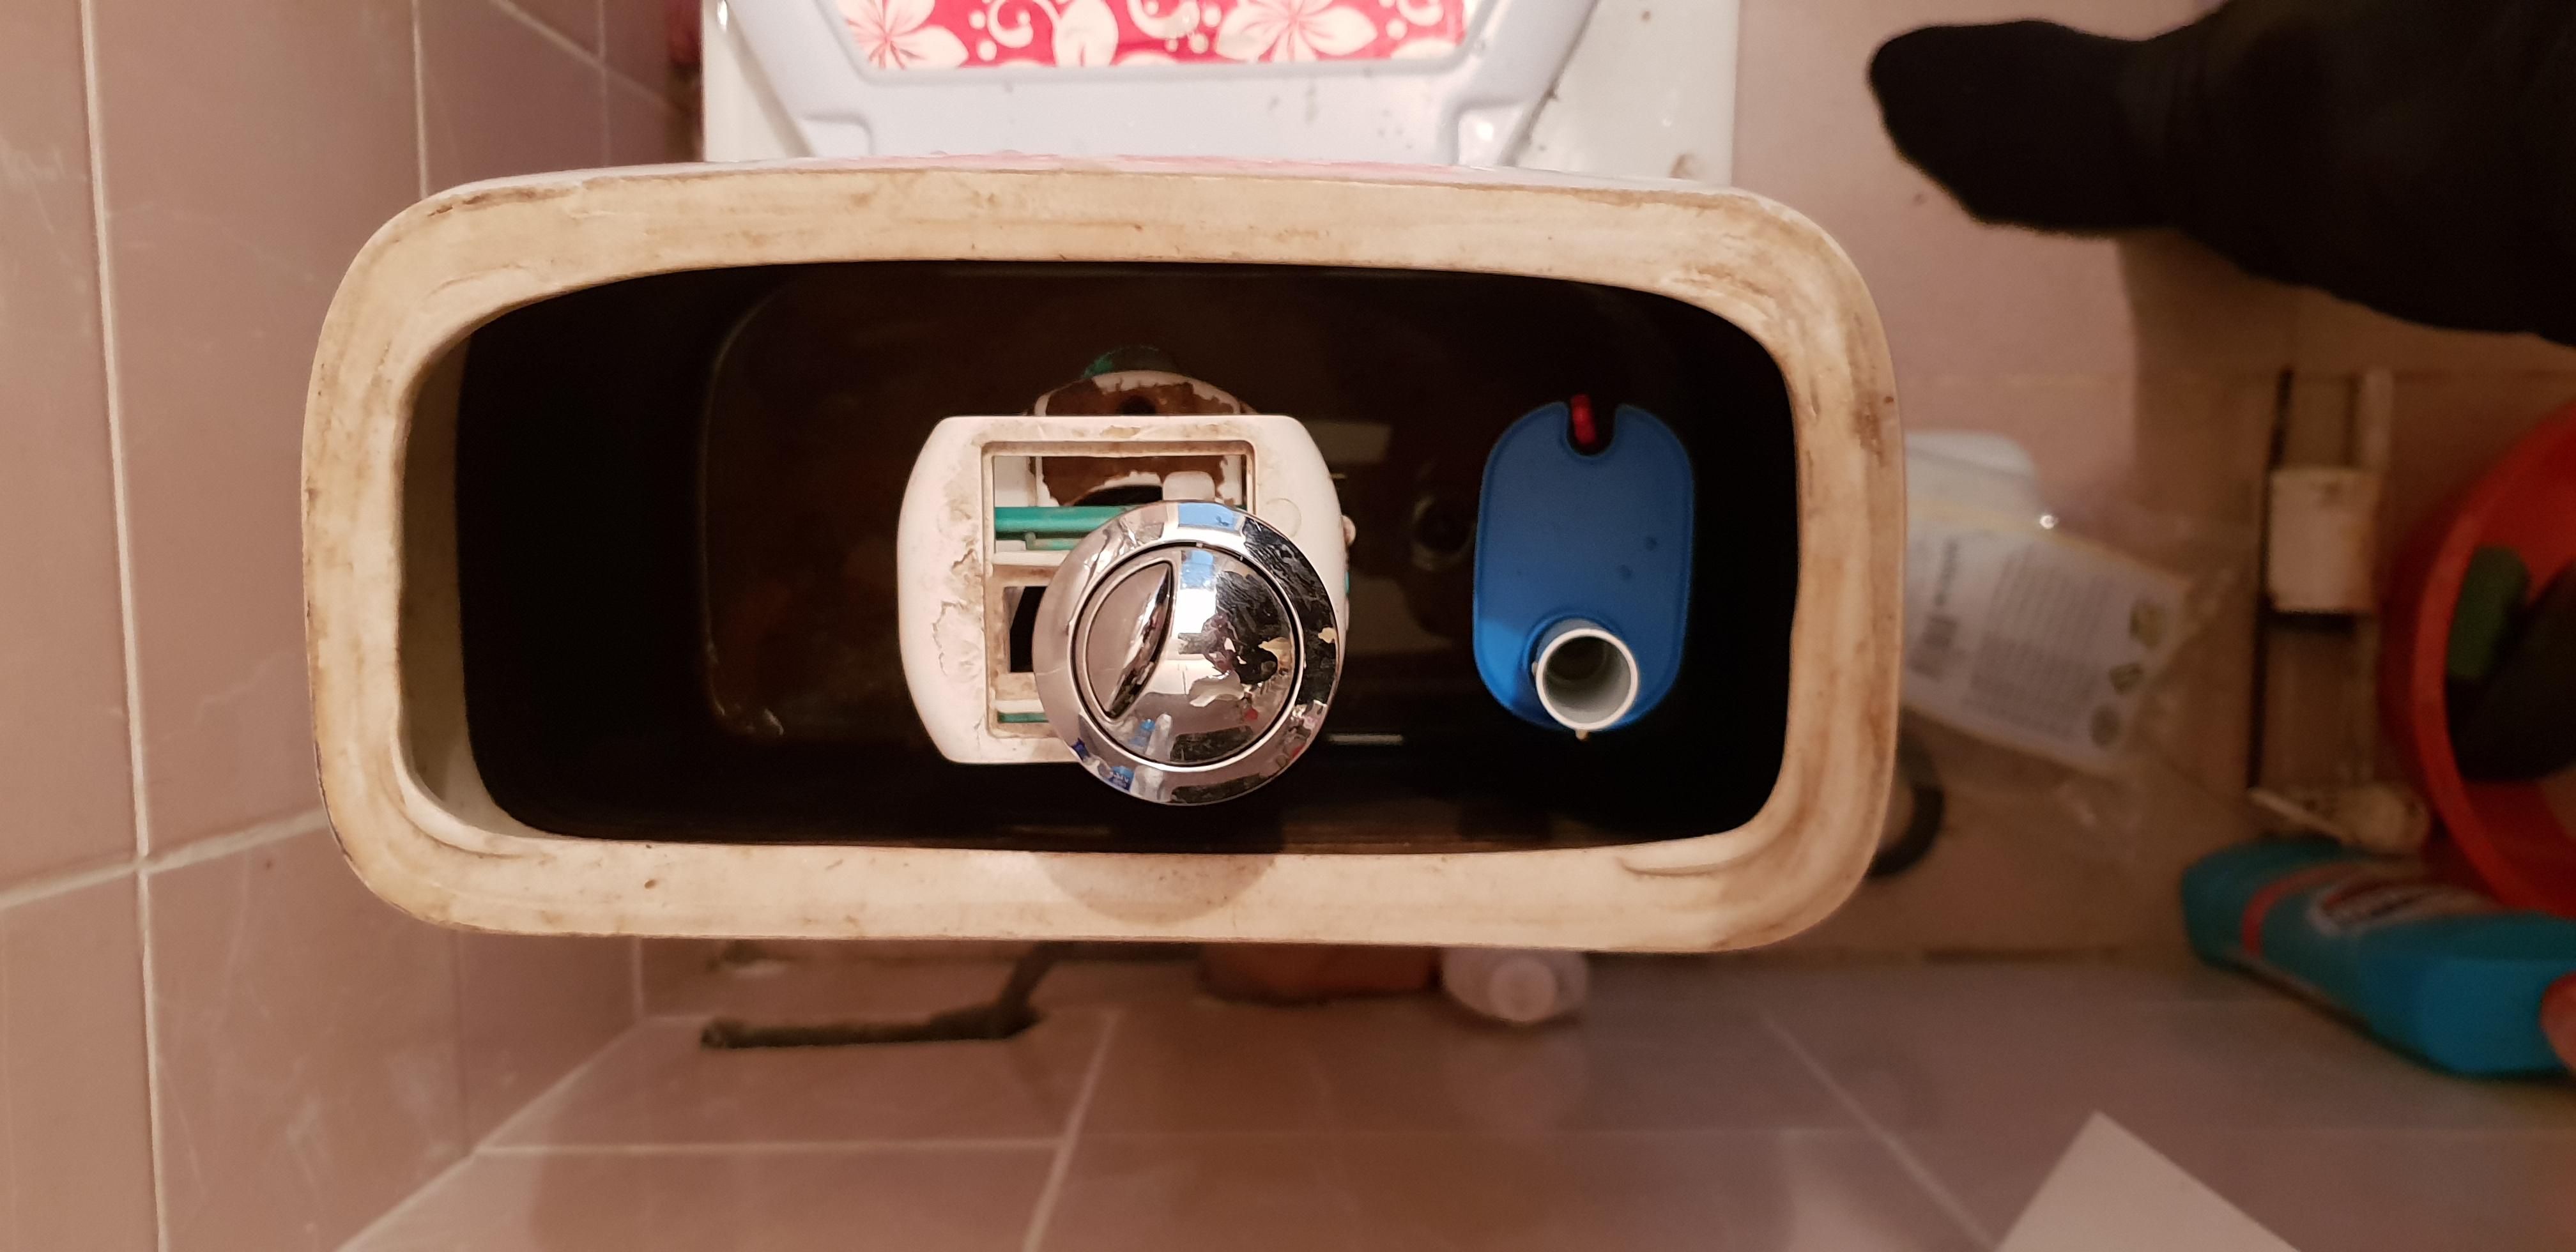 Фото Замена сливного бачка и водоподающего устройства